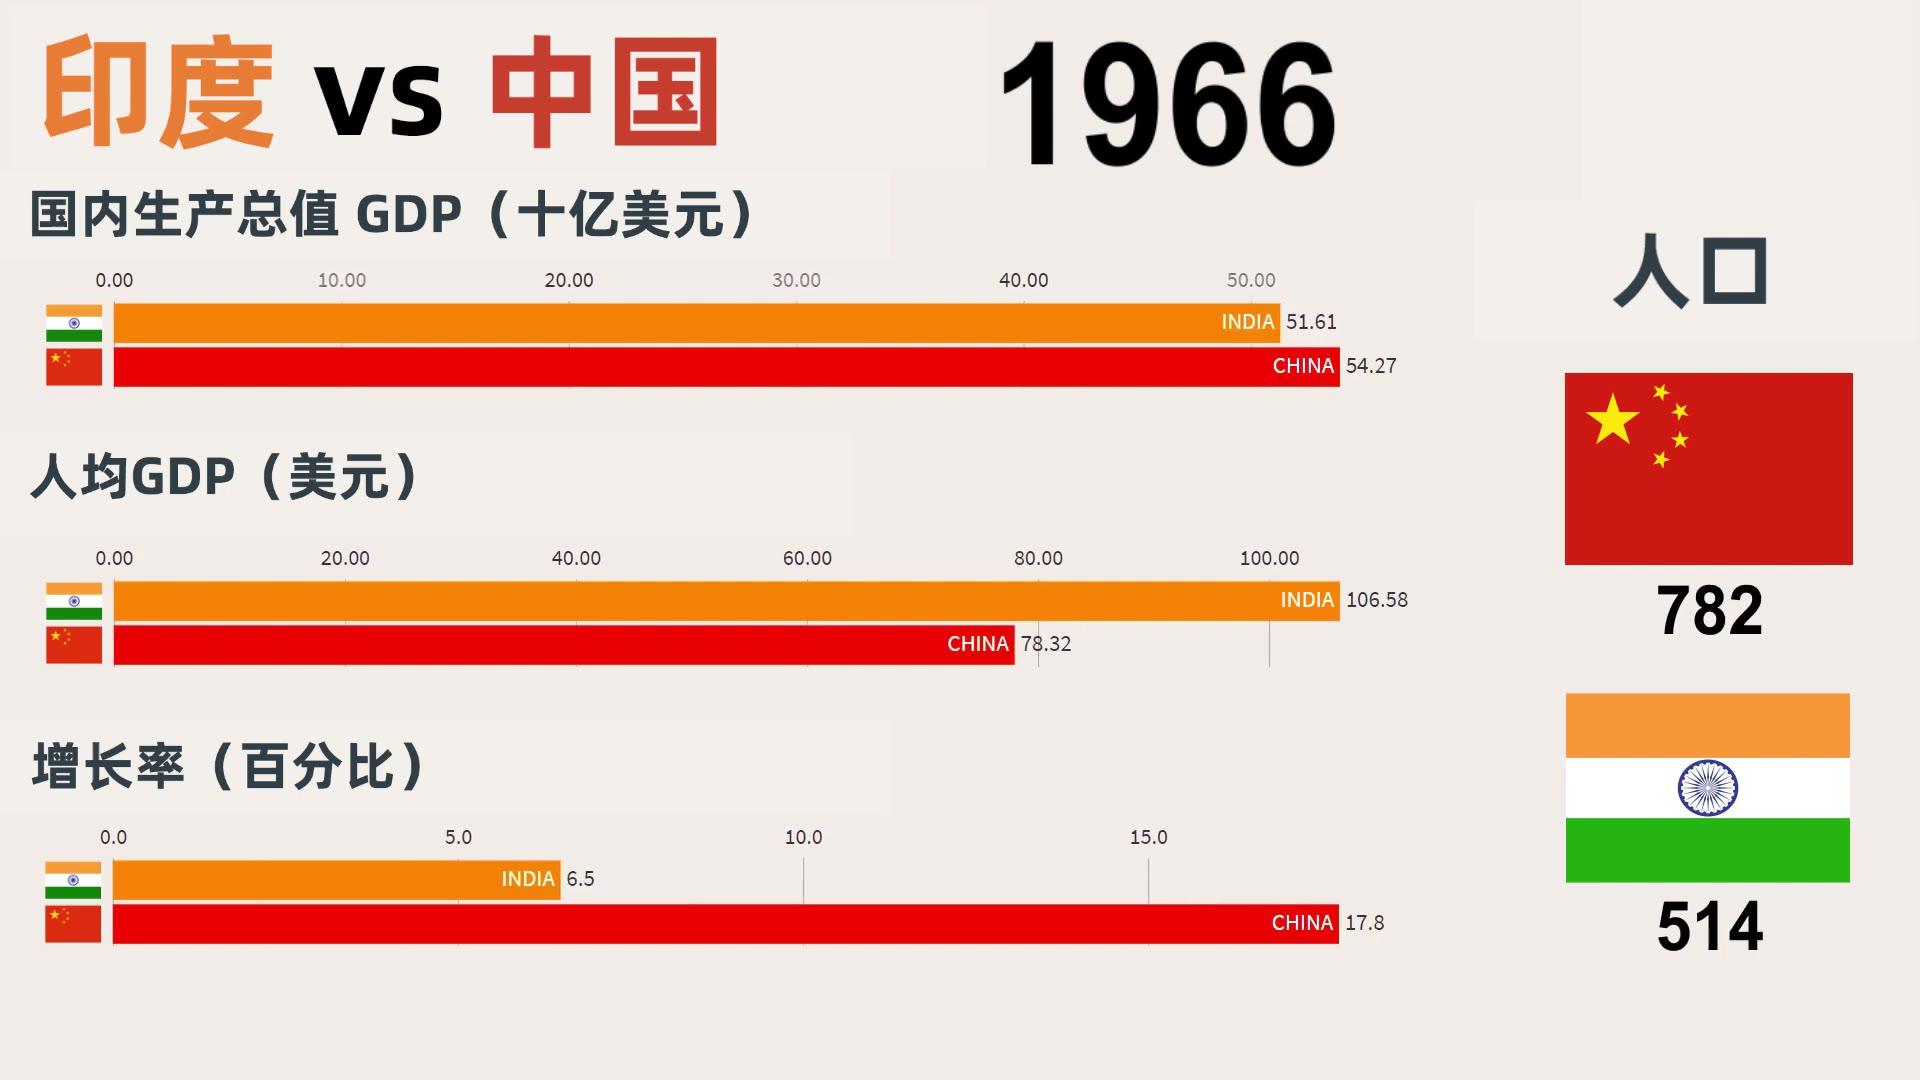 中国VS印度!60年前GDP不相上下,如今只剩中国零头!